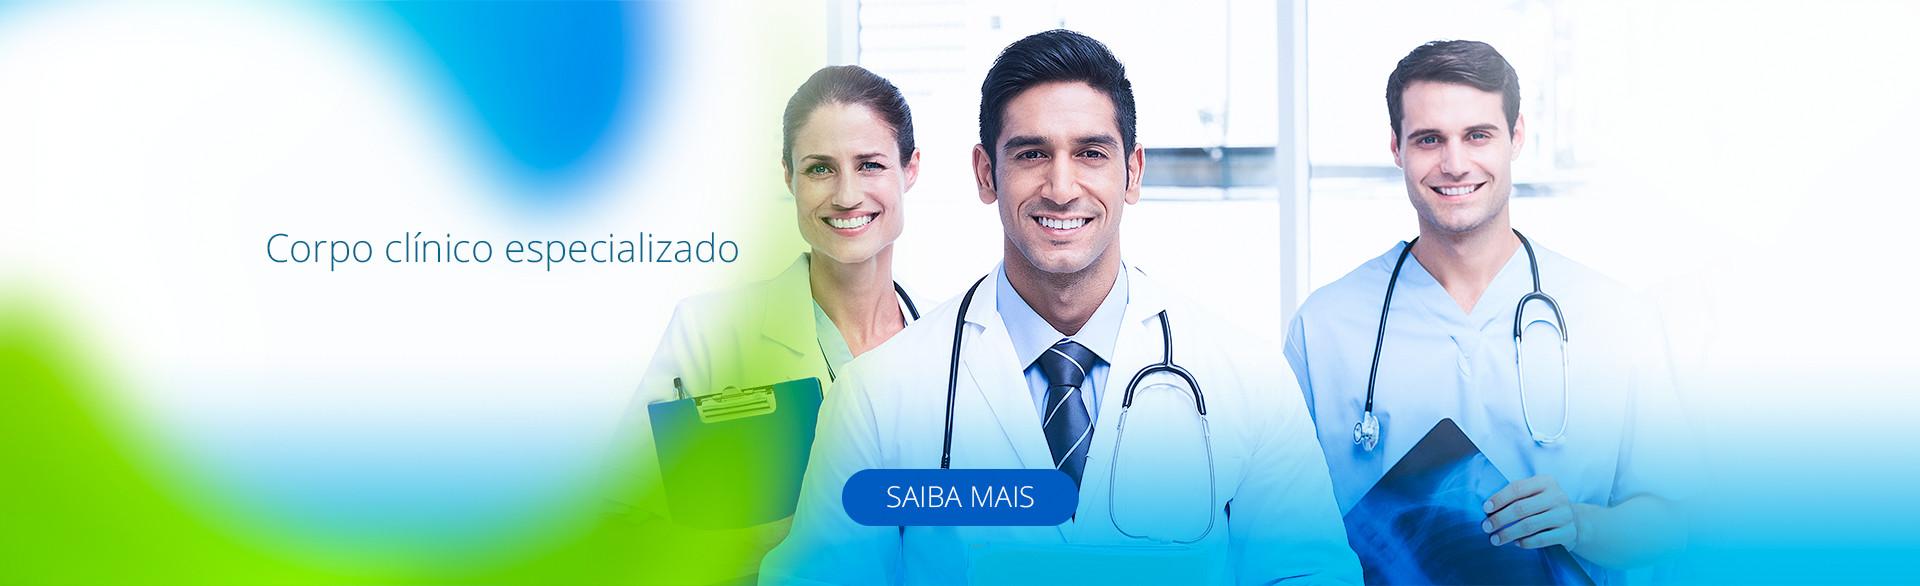 corpo clínico especializado